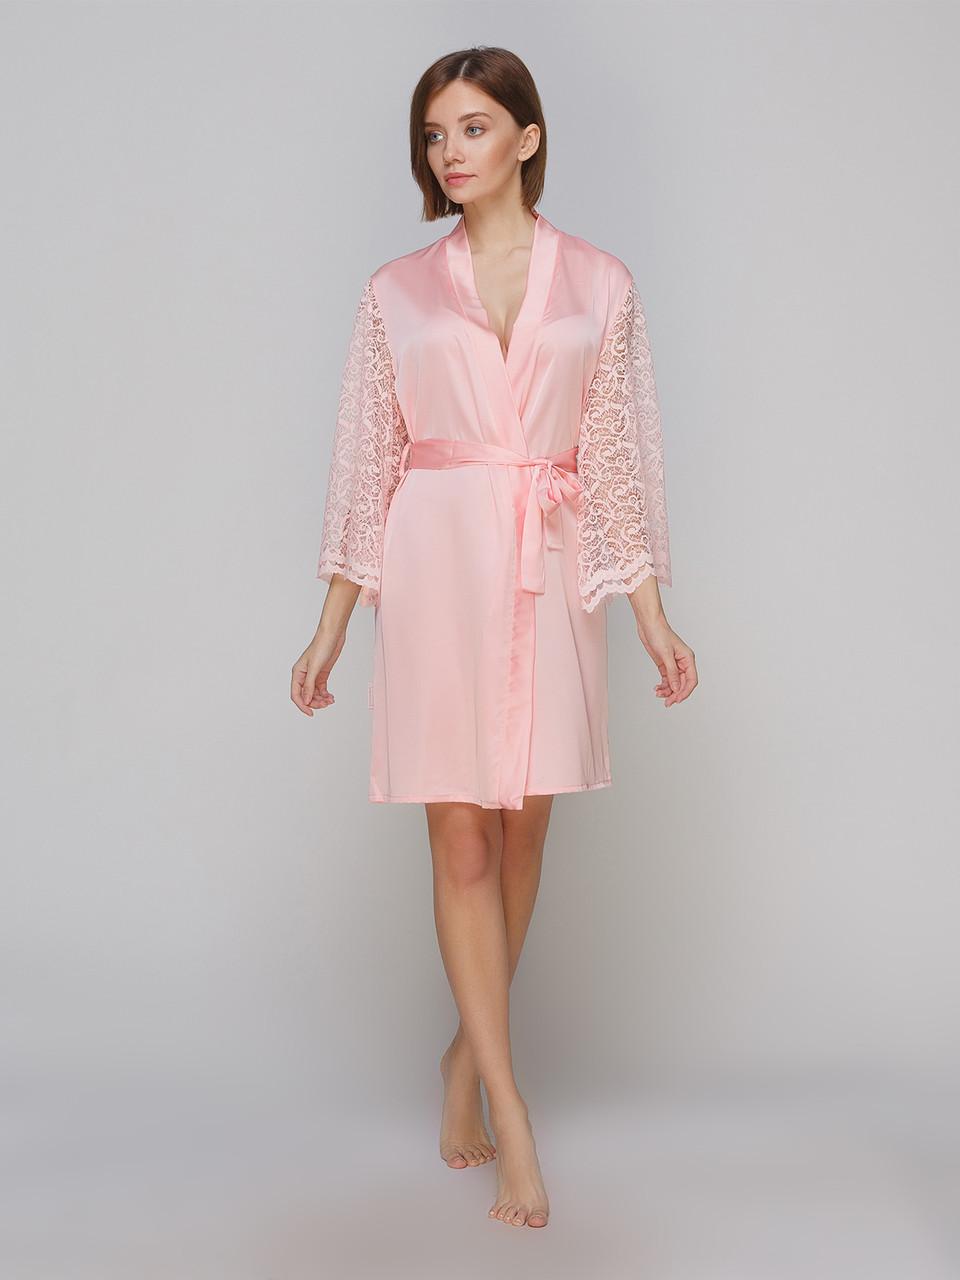 Халат Serenade из шелка Армани персиковый с кружевом